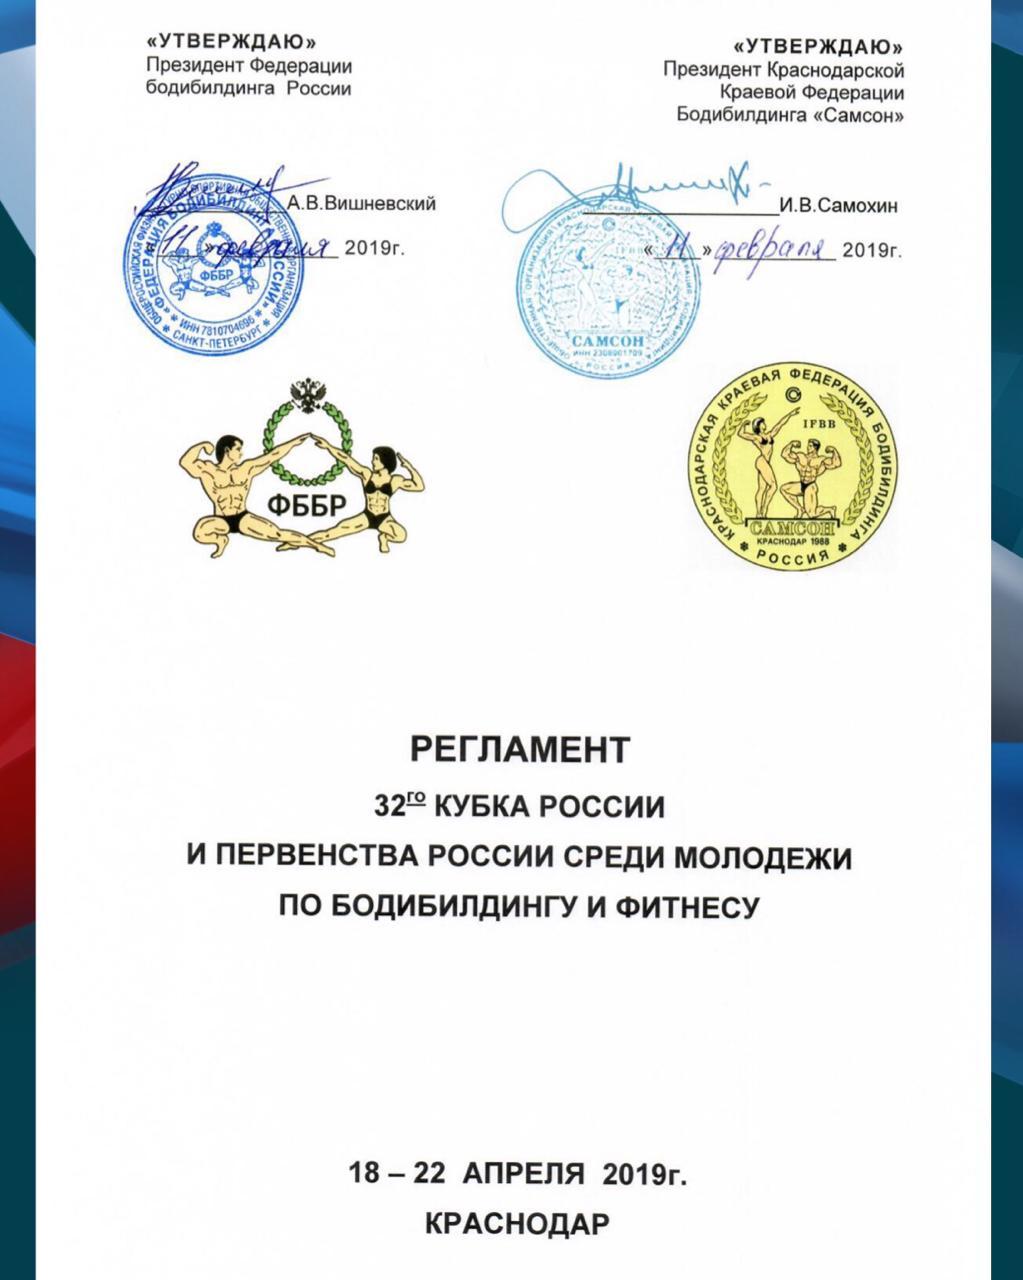 Положение: Кубок России по бодибилдингу - 2019